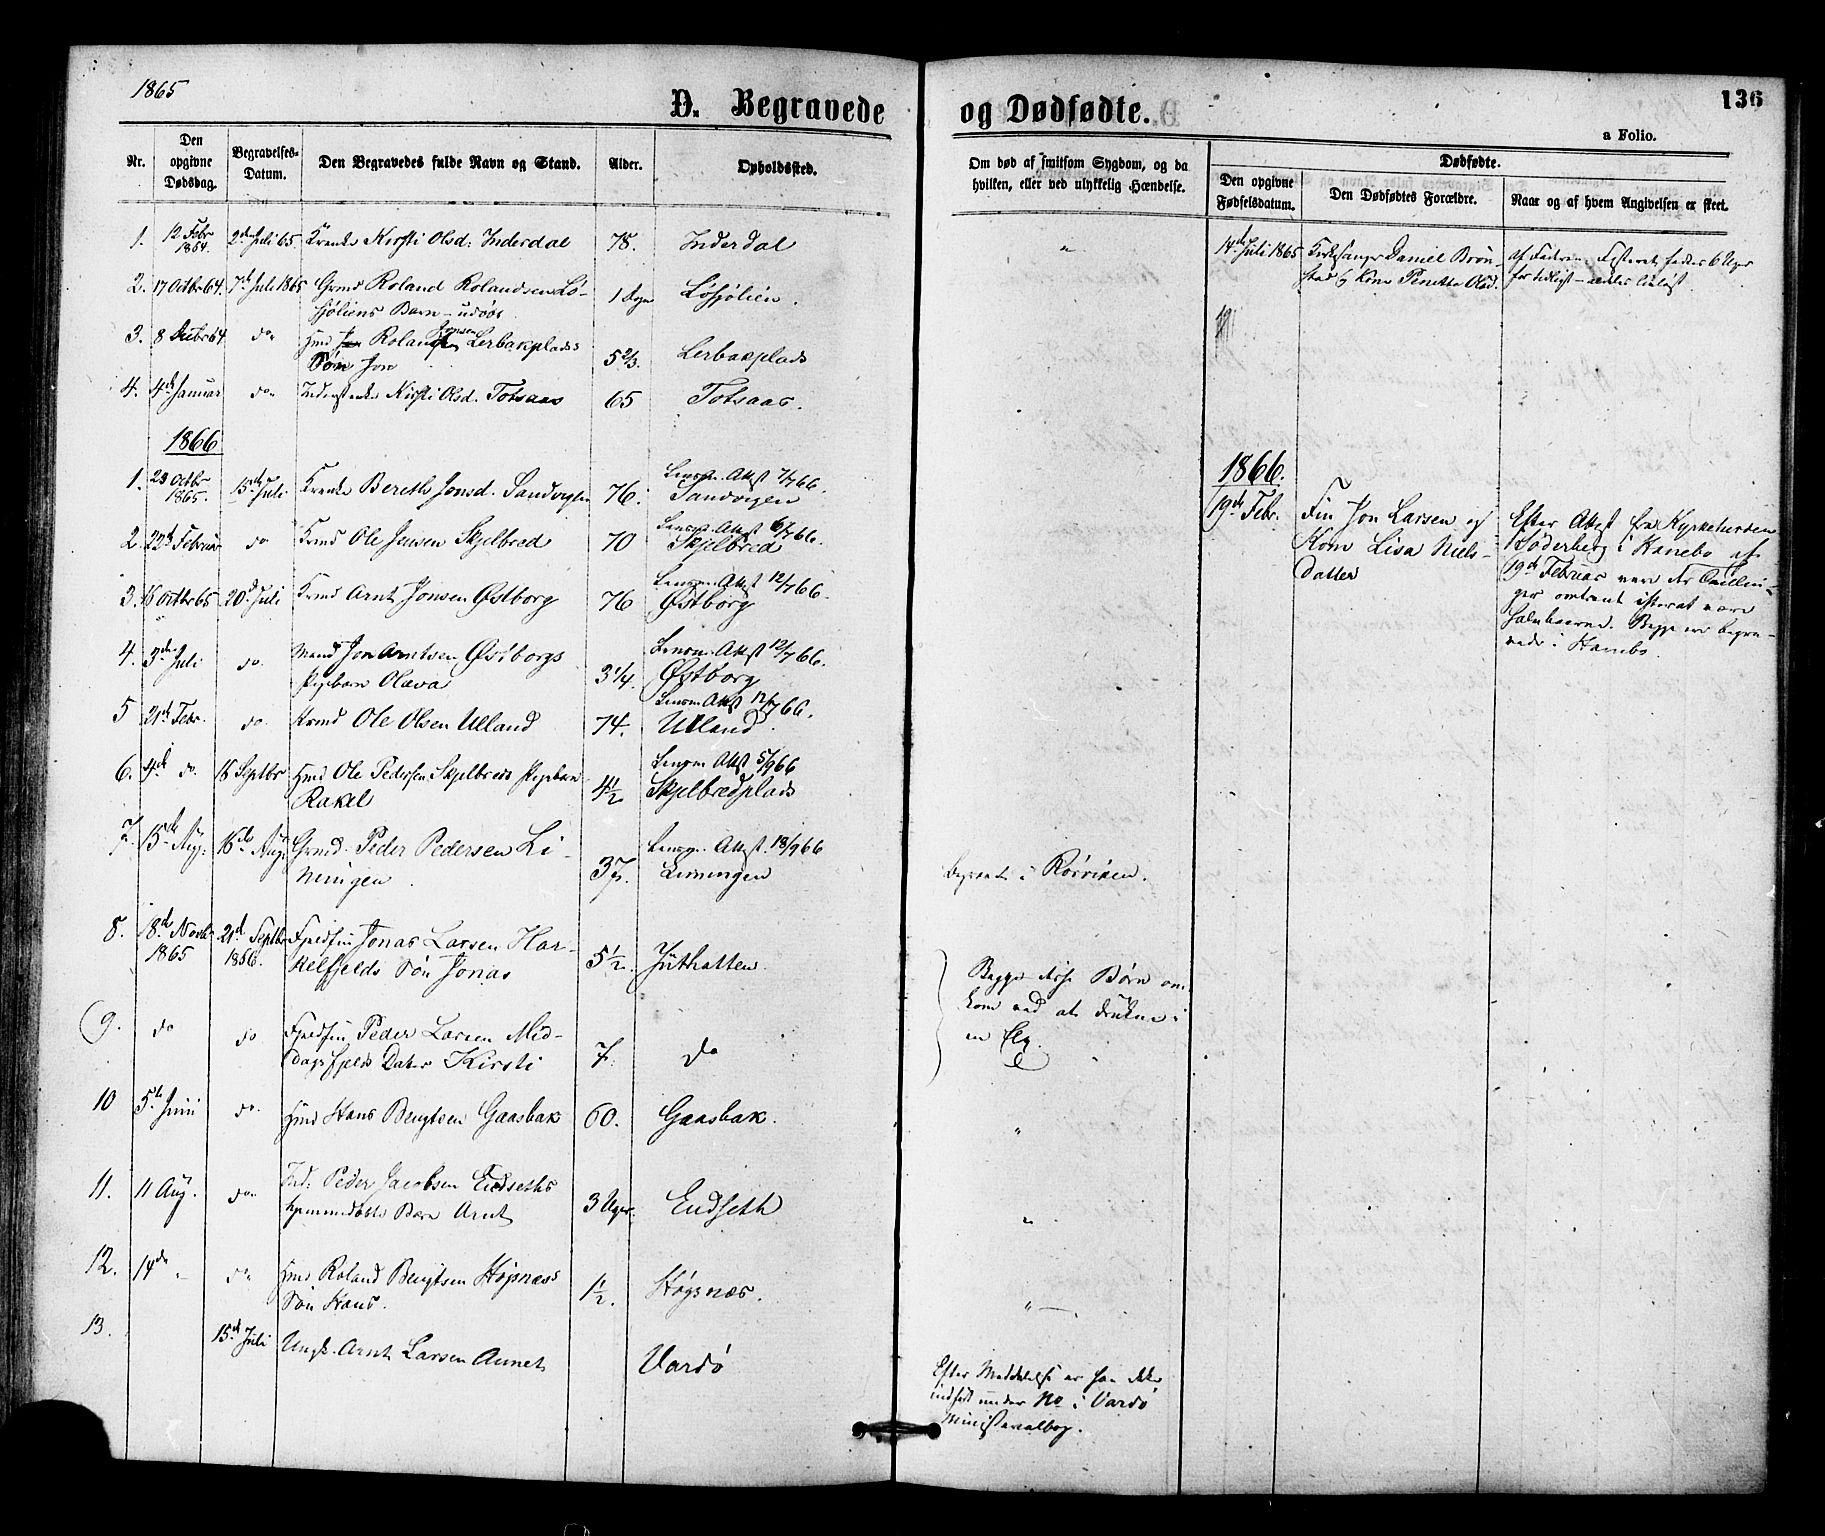 SAT, Ministerialprotokoller, klokkerbøker og fødselsregistre - Nord-Trøndelag, 755/L0493: Ministerialbok nr. 755A02, 1865-1881, s. 136